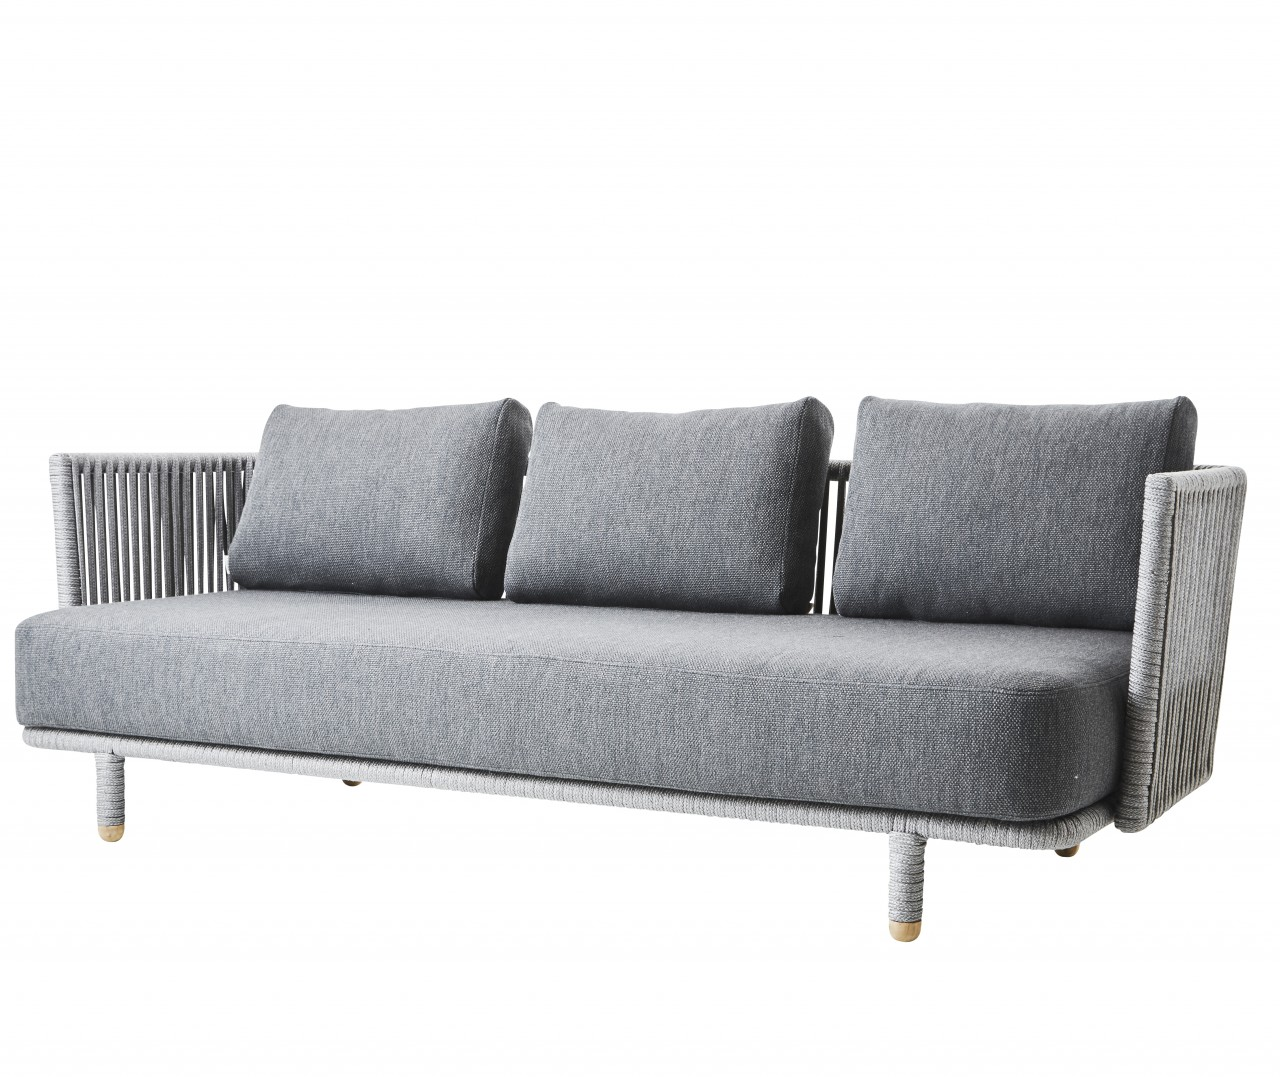 Full Size of 3 Sitzer Sofa Bei Roller Mit Schlaffunktion Leder Bettkasten Couch Poco Ikea Cane Line Moments 5019053700 Relaxfunktion U Form Esstisch Neu Beziehen Lassen Sofa 3 Sitzer Sofa